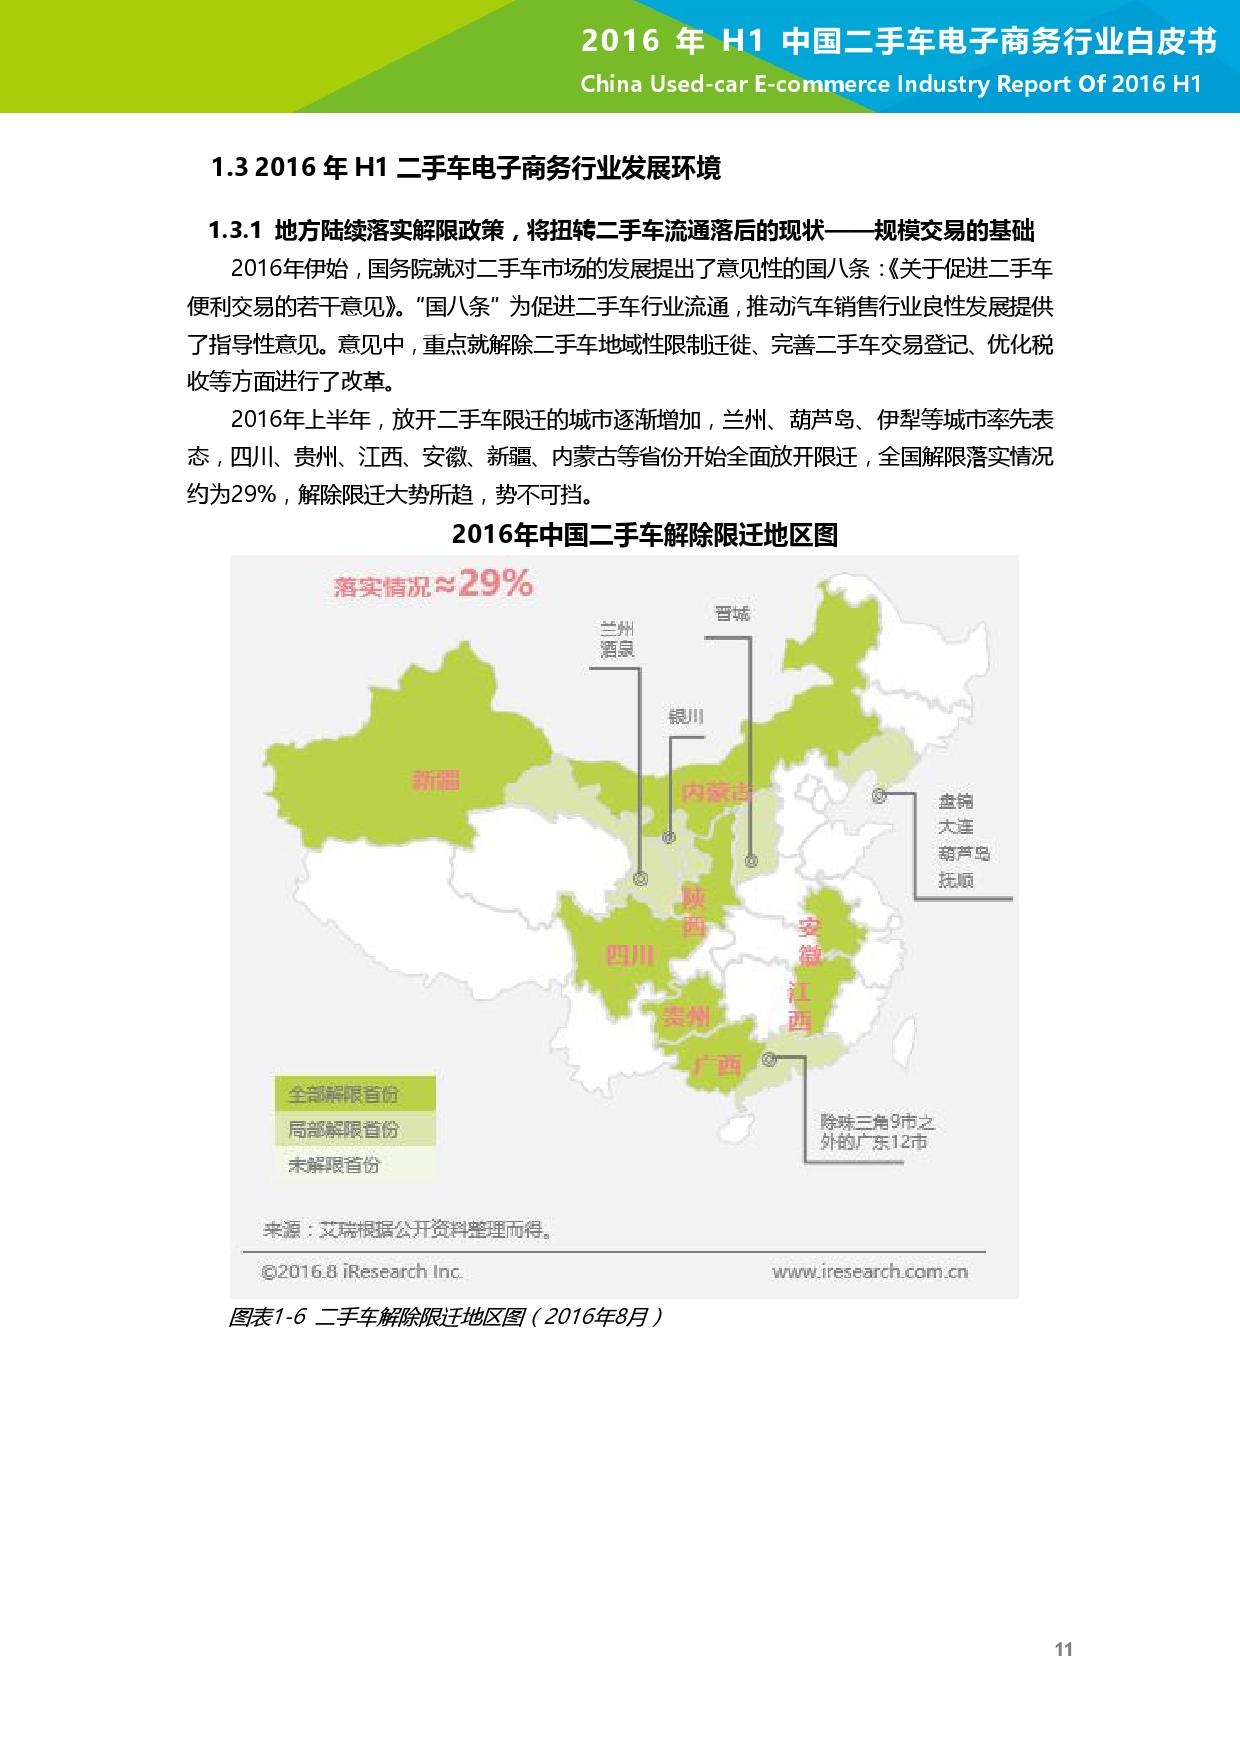 2016年H1中国二手车电子商务行业白皮书_000012